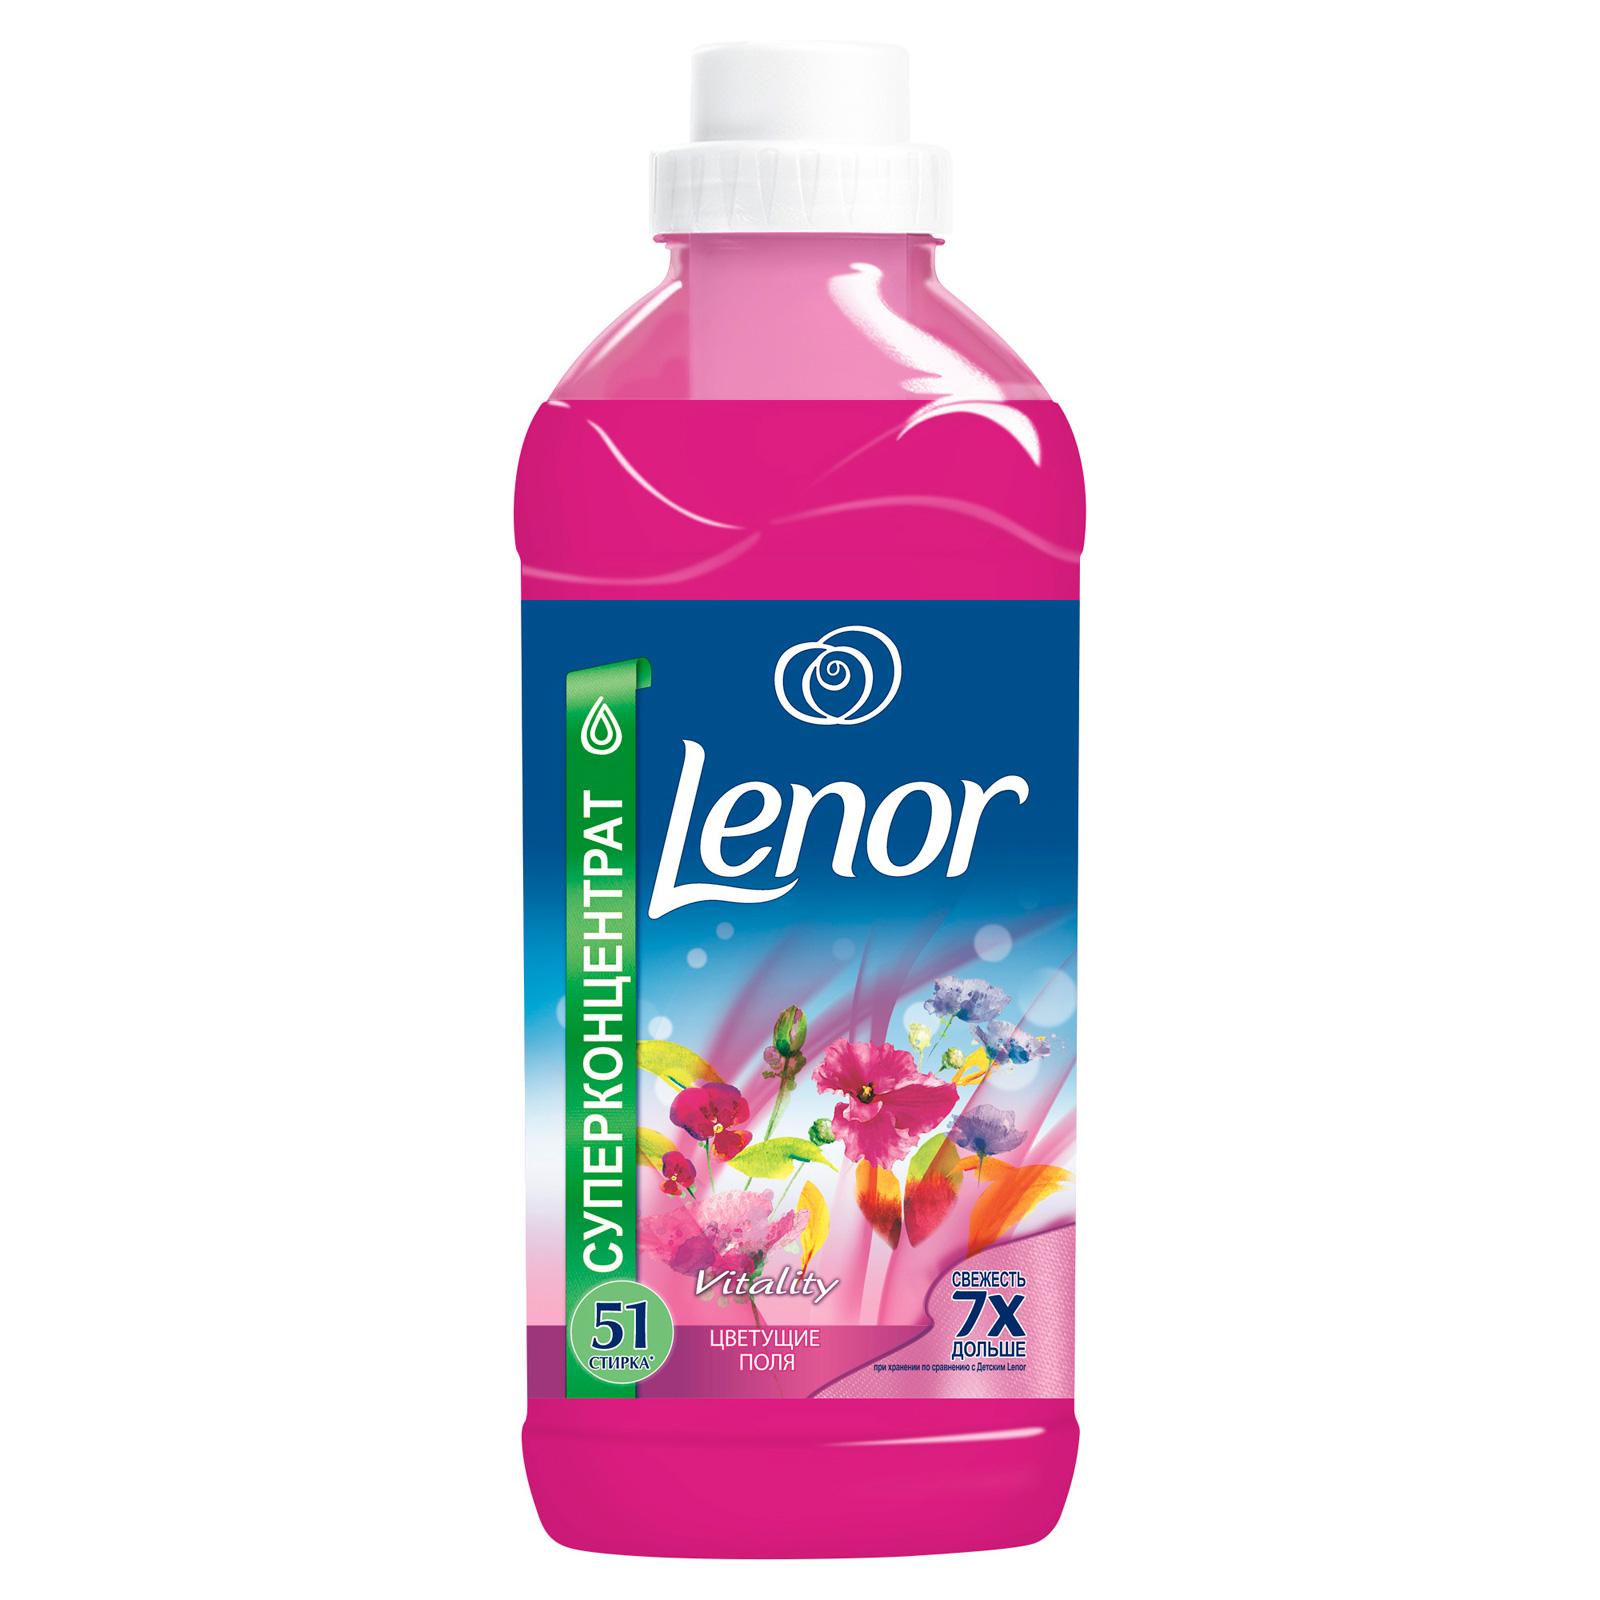 Кондиционер для белья Lenor 1,8 л Цветущие Поля 1,8л (51стирка)<br>